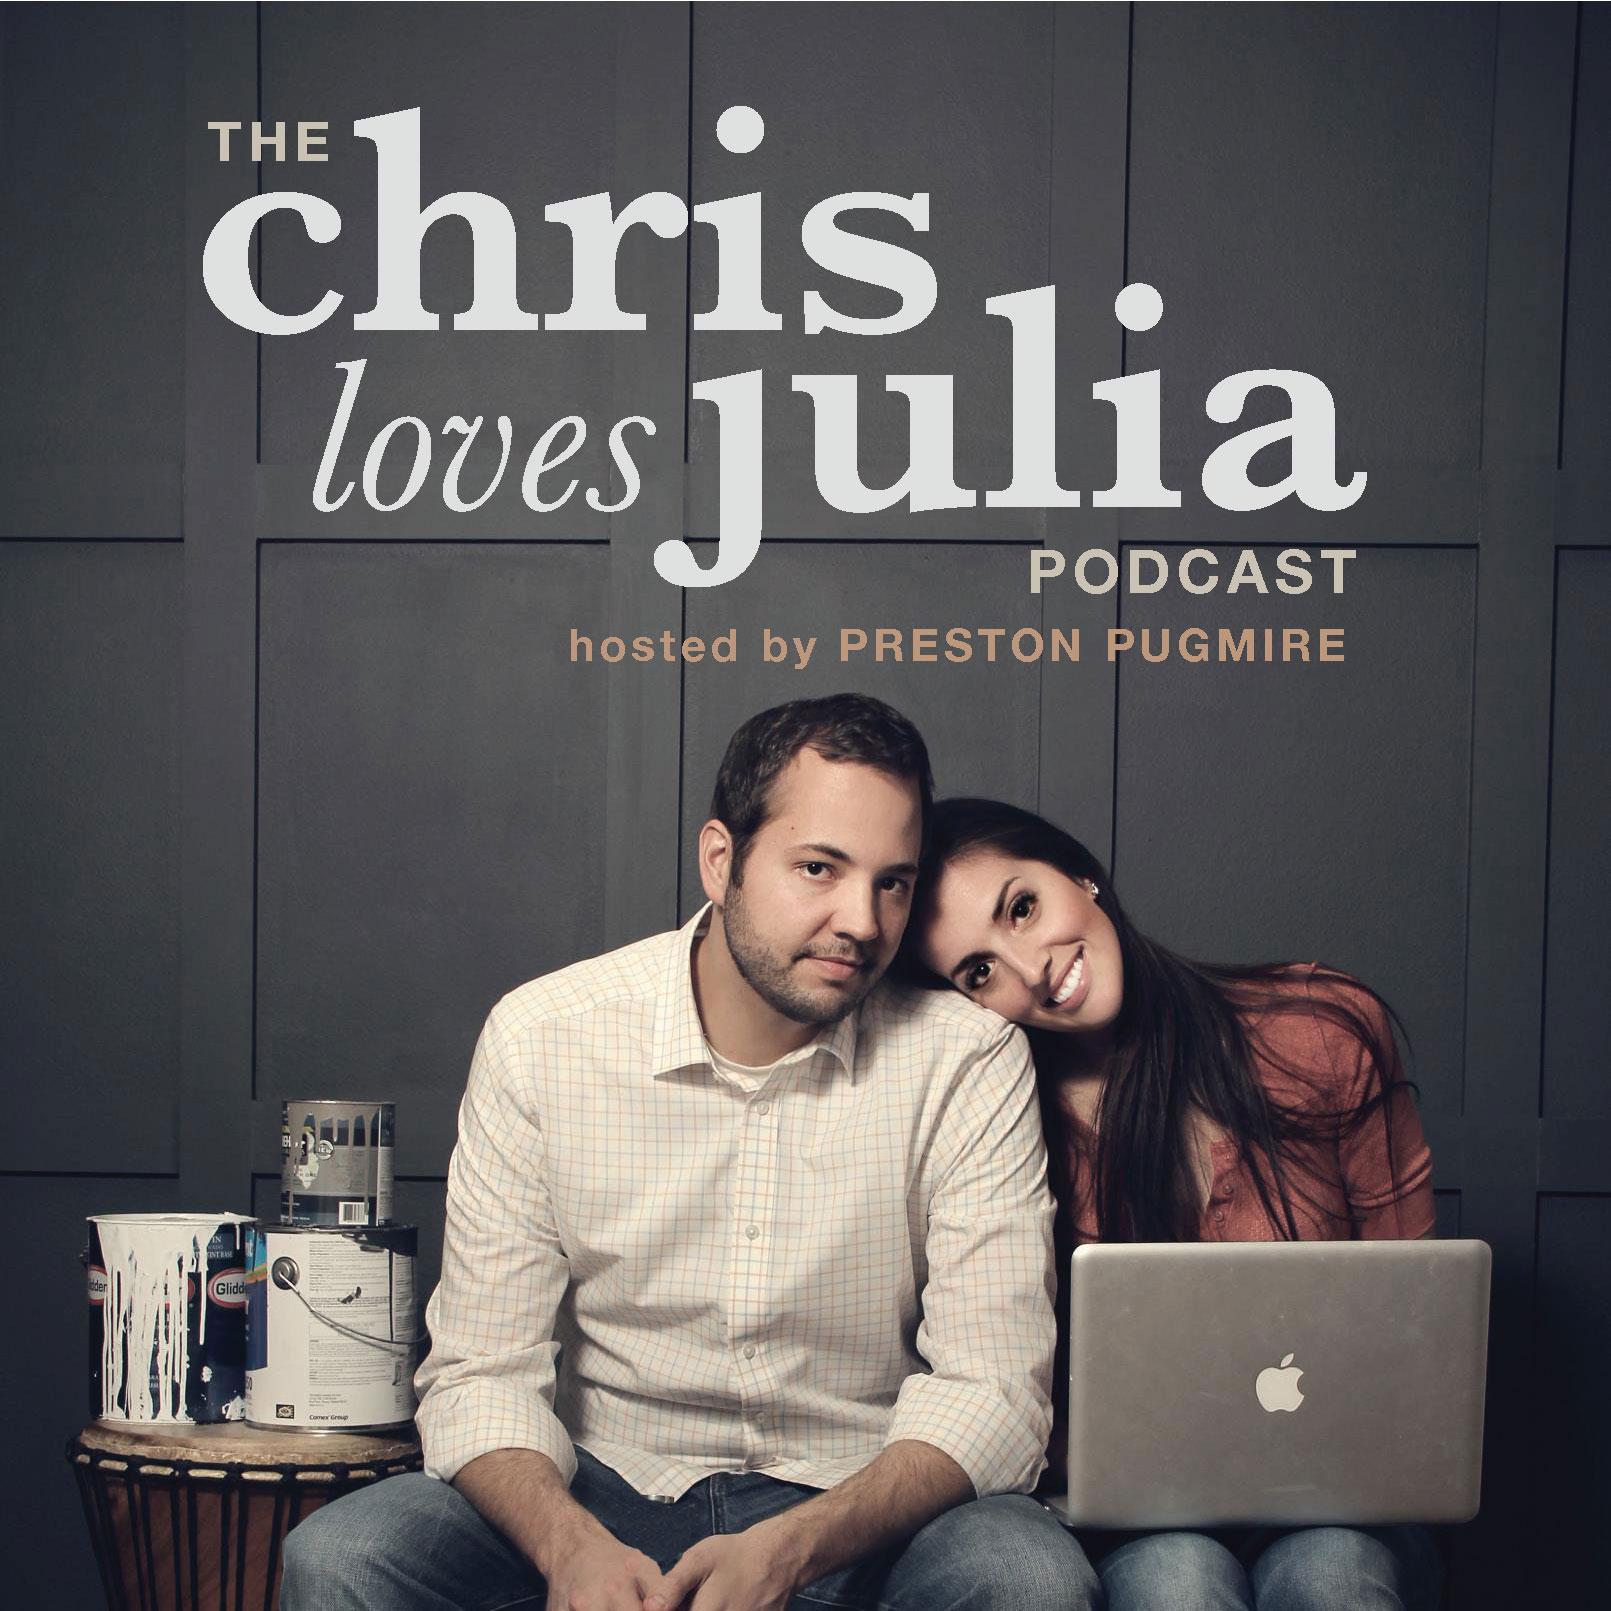 The Chris Loves Julia Podcast